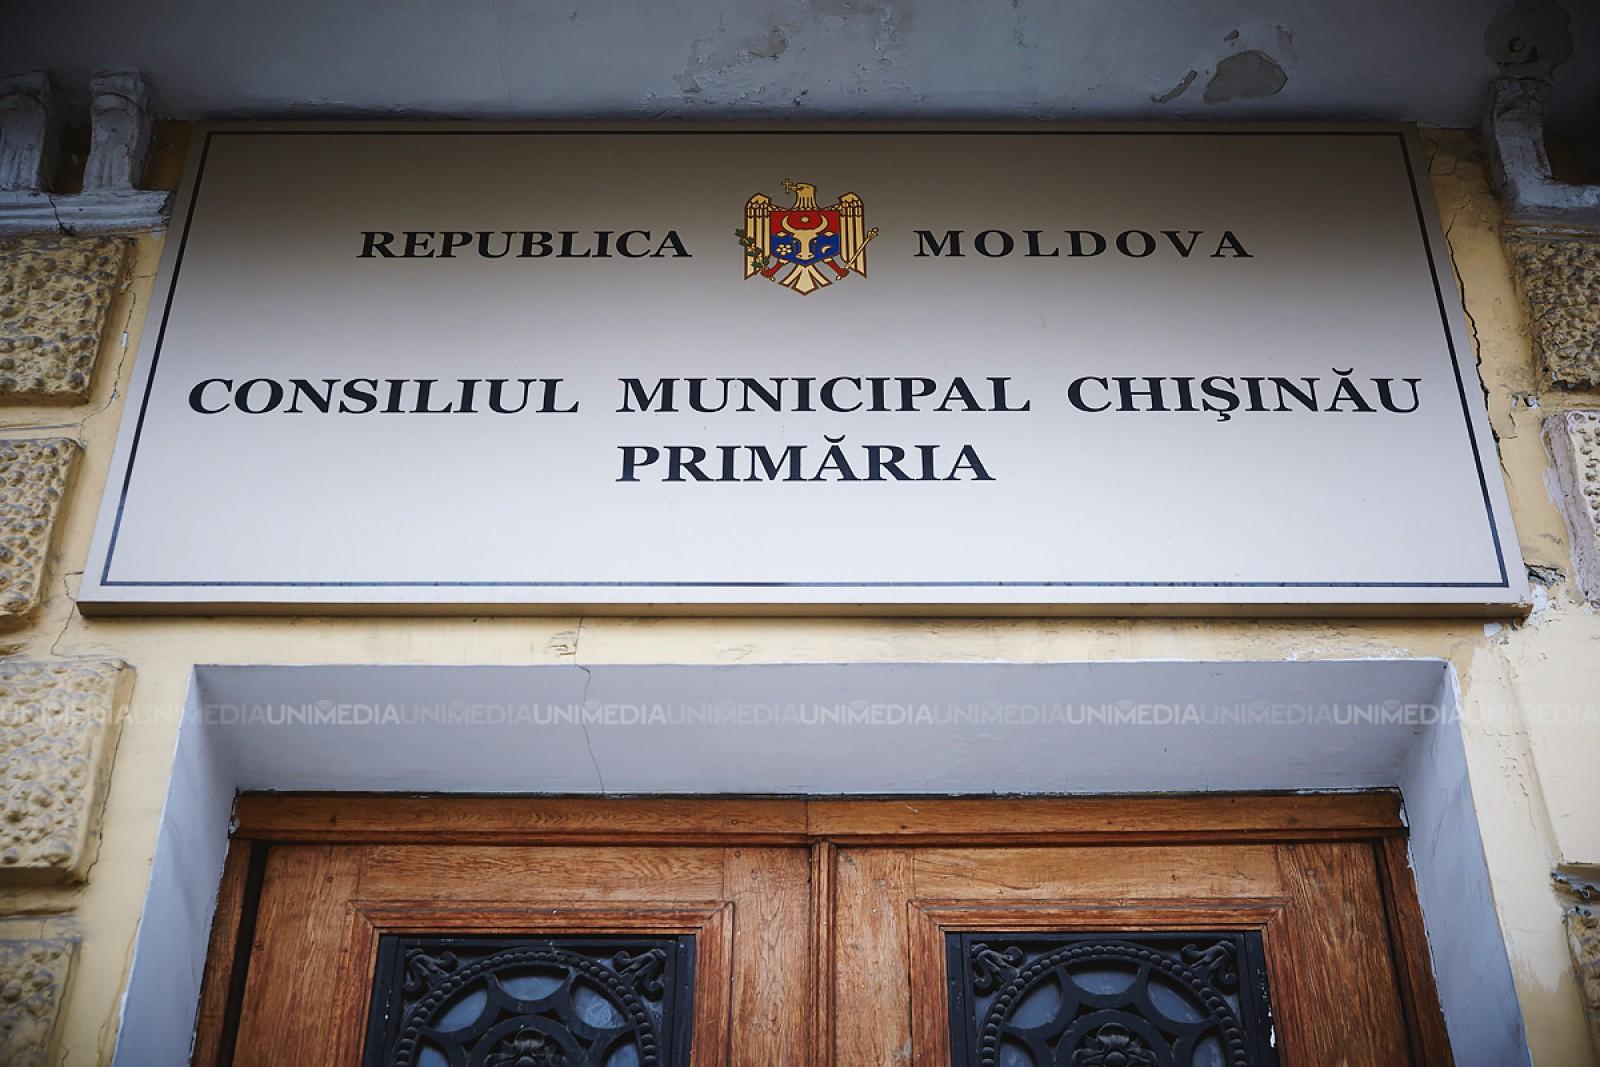 (video/update) Ședința Consiliului Municipal Chișinău, transferată din lipsa consilierilor. Socialiștii au păsărit sala